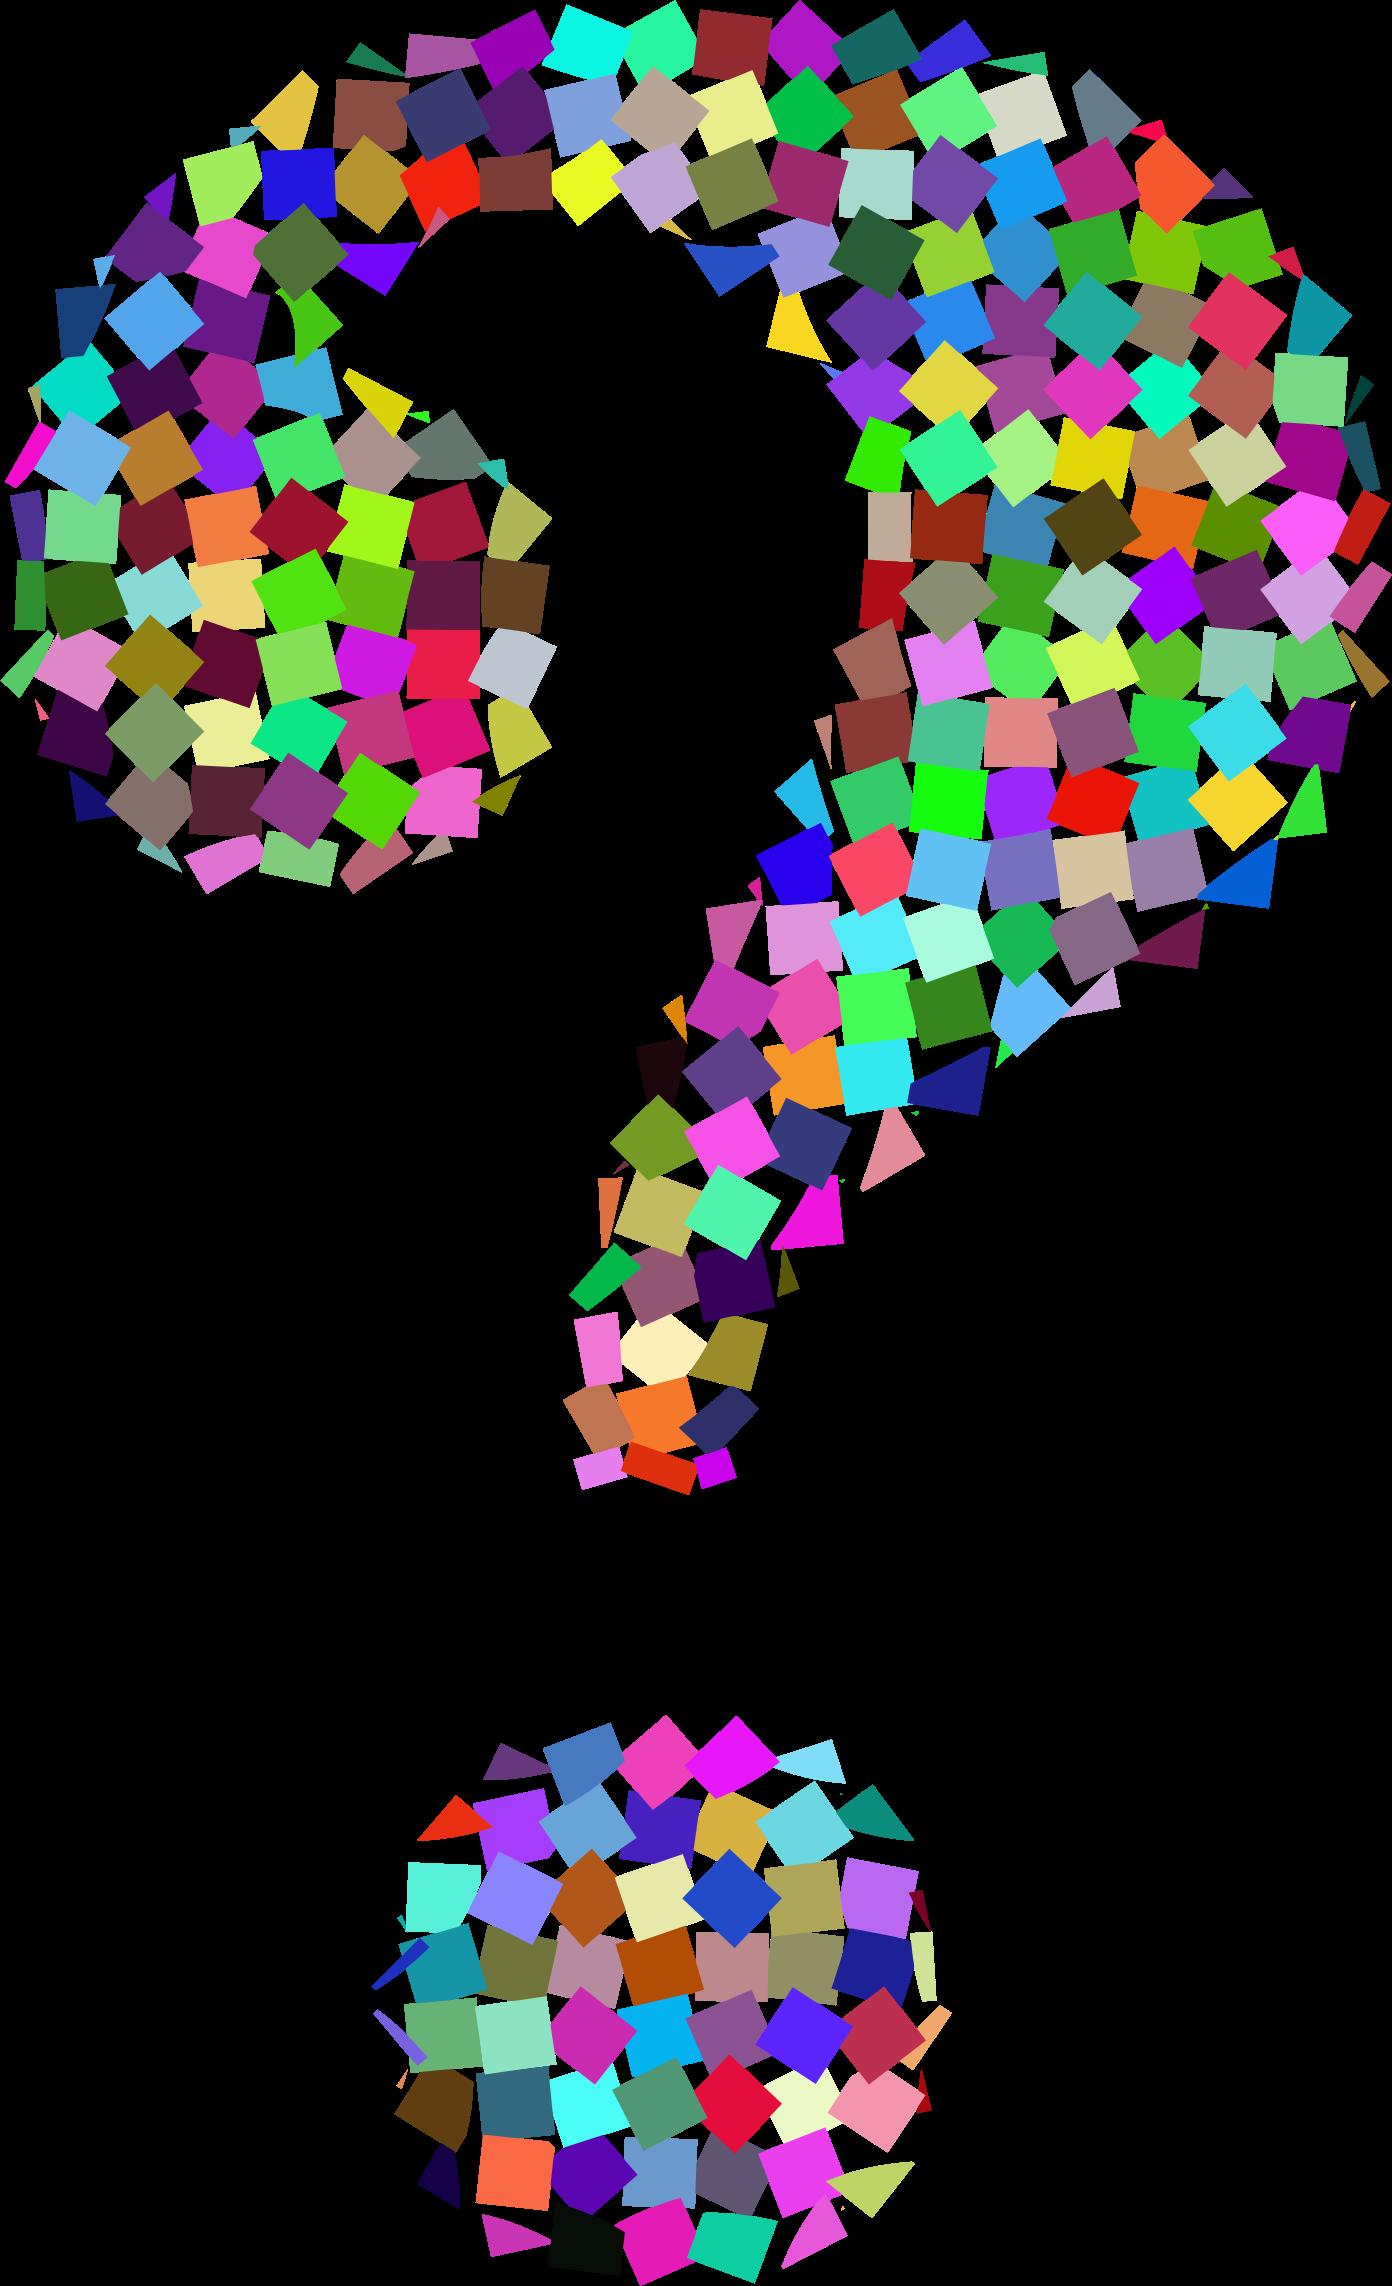 Clipart prismatic confetti question mark